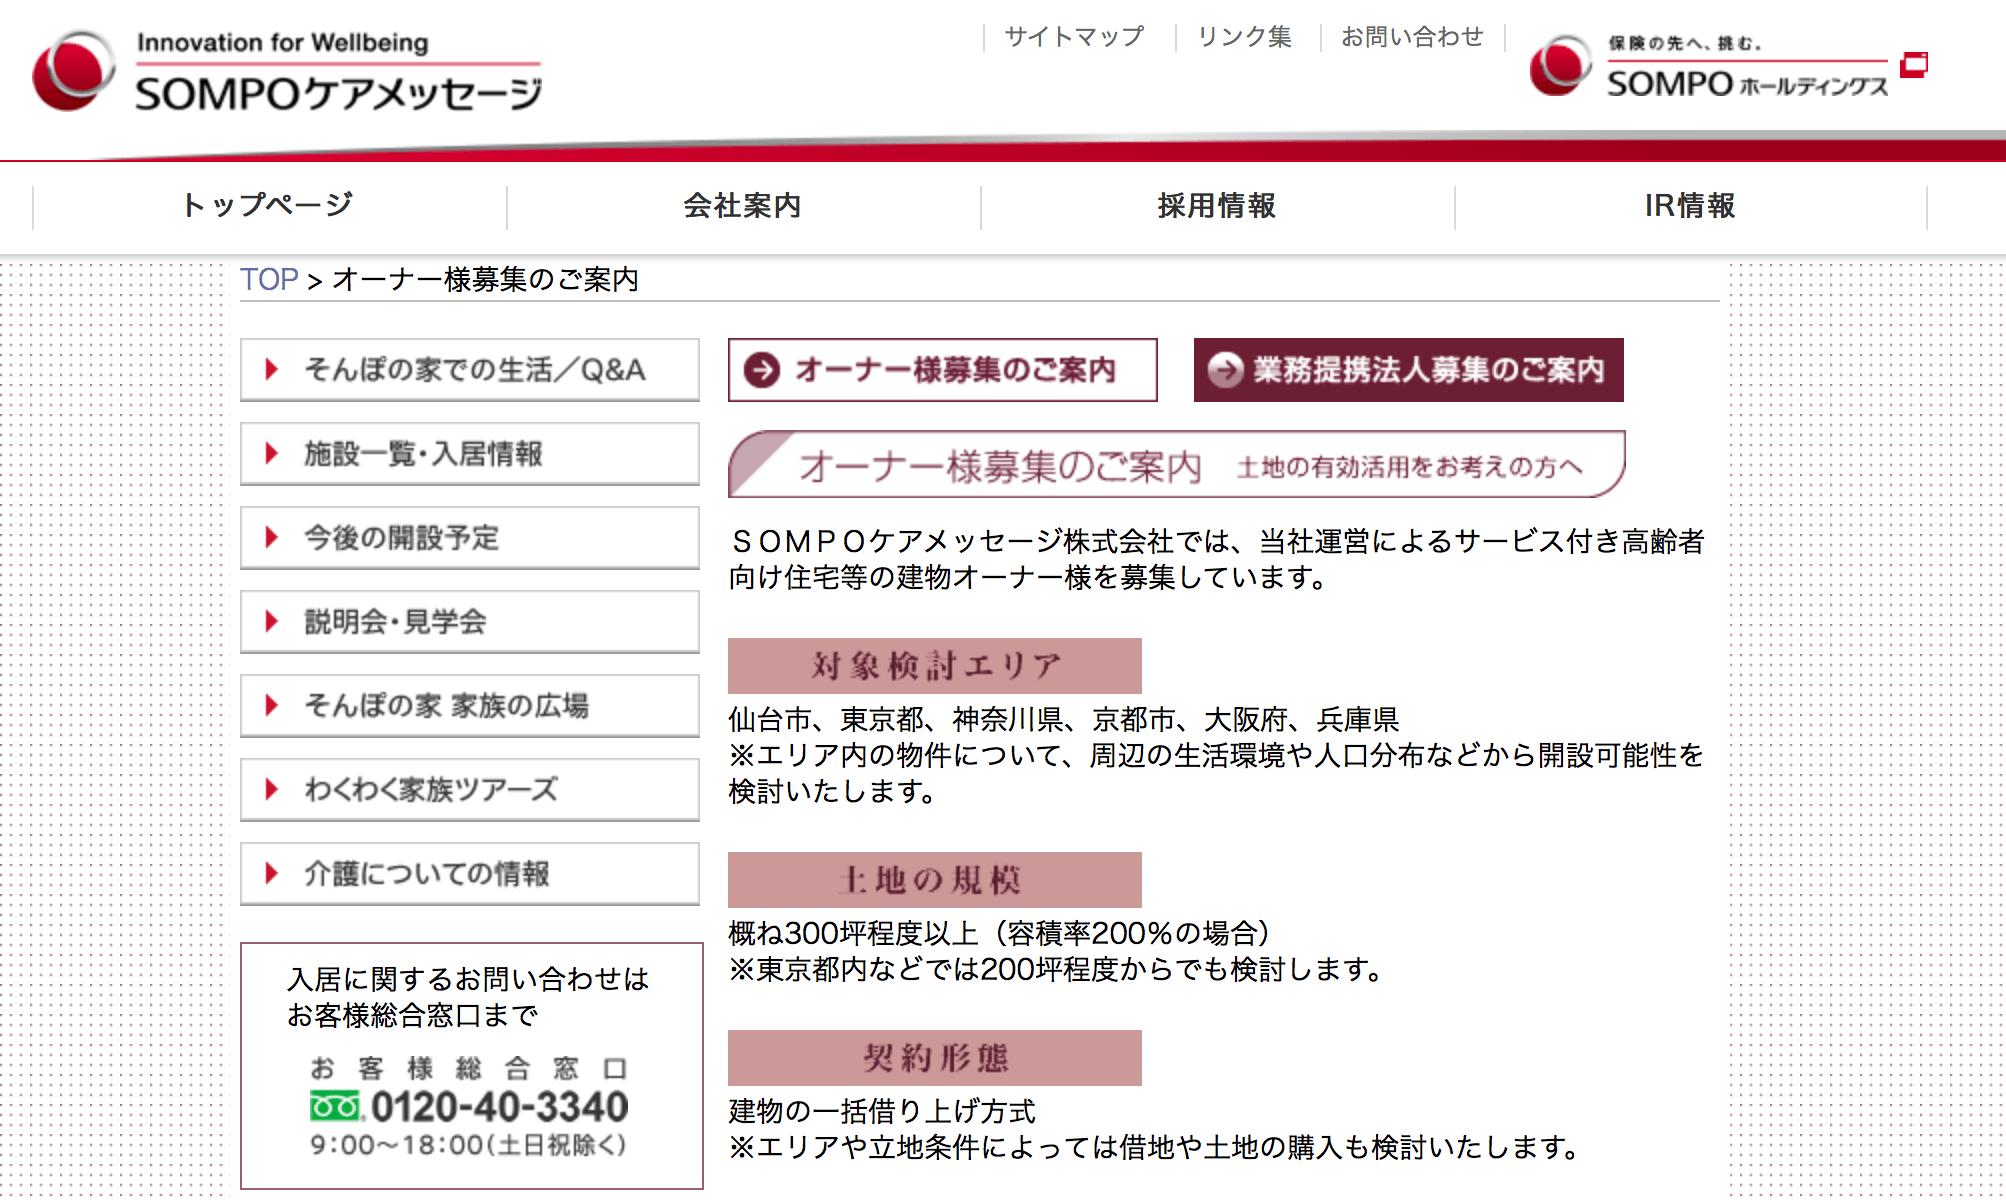 SOMPOケアメッセージ株式会社の公式ページ